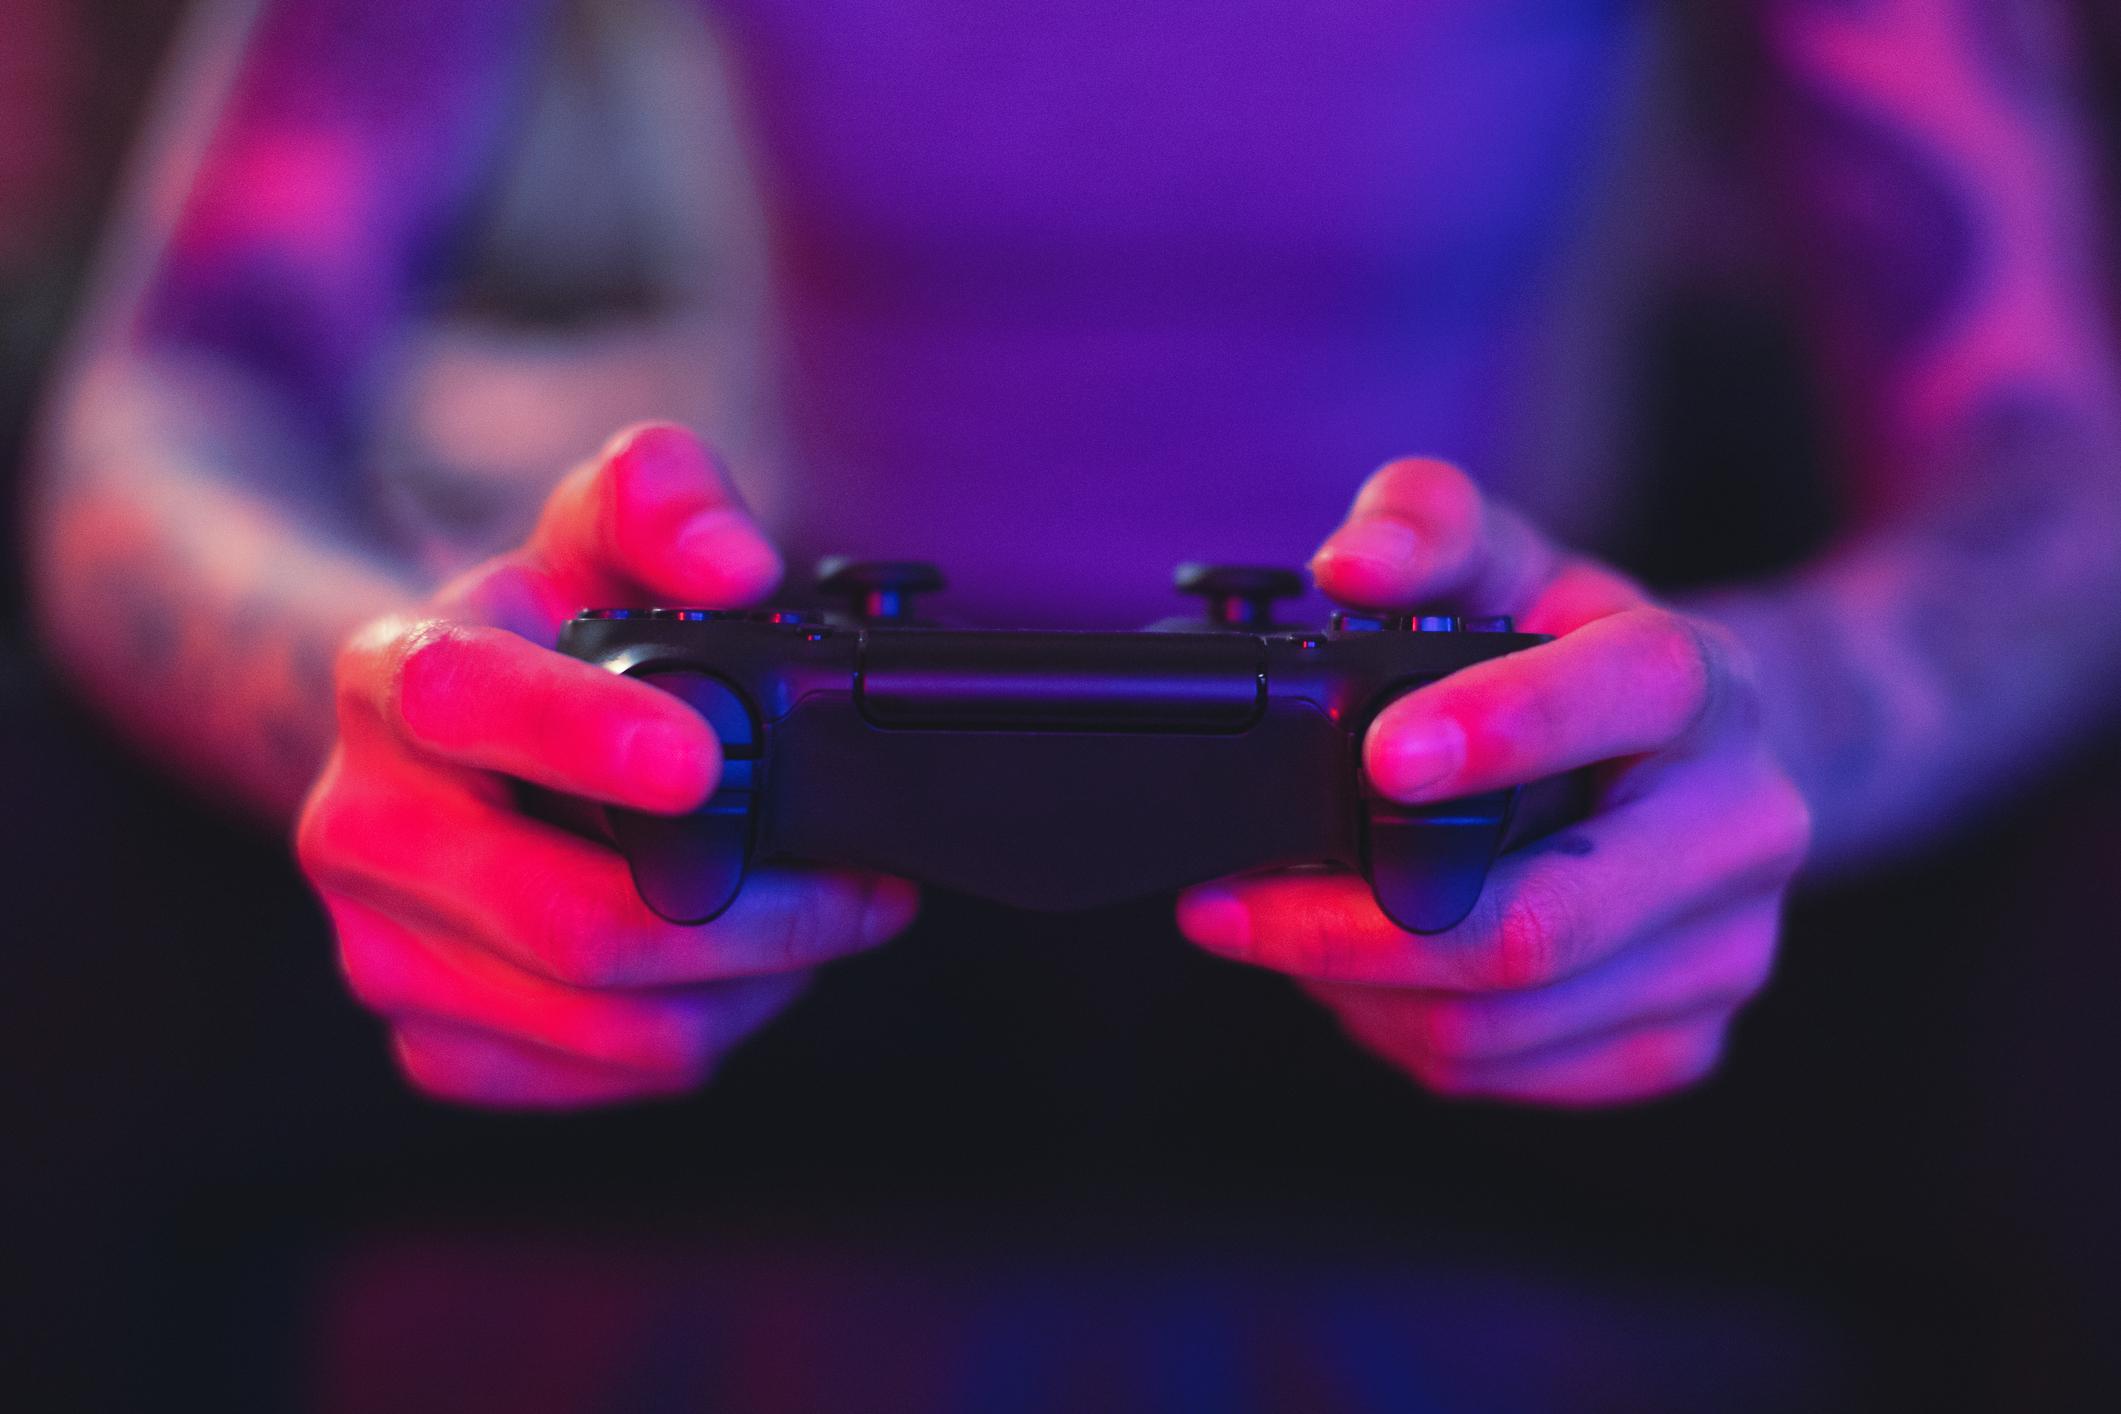 Jogos que serão lançados em 2020 - veja os mais esperados